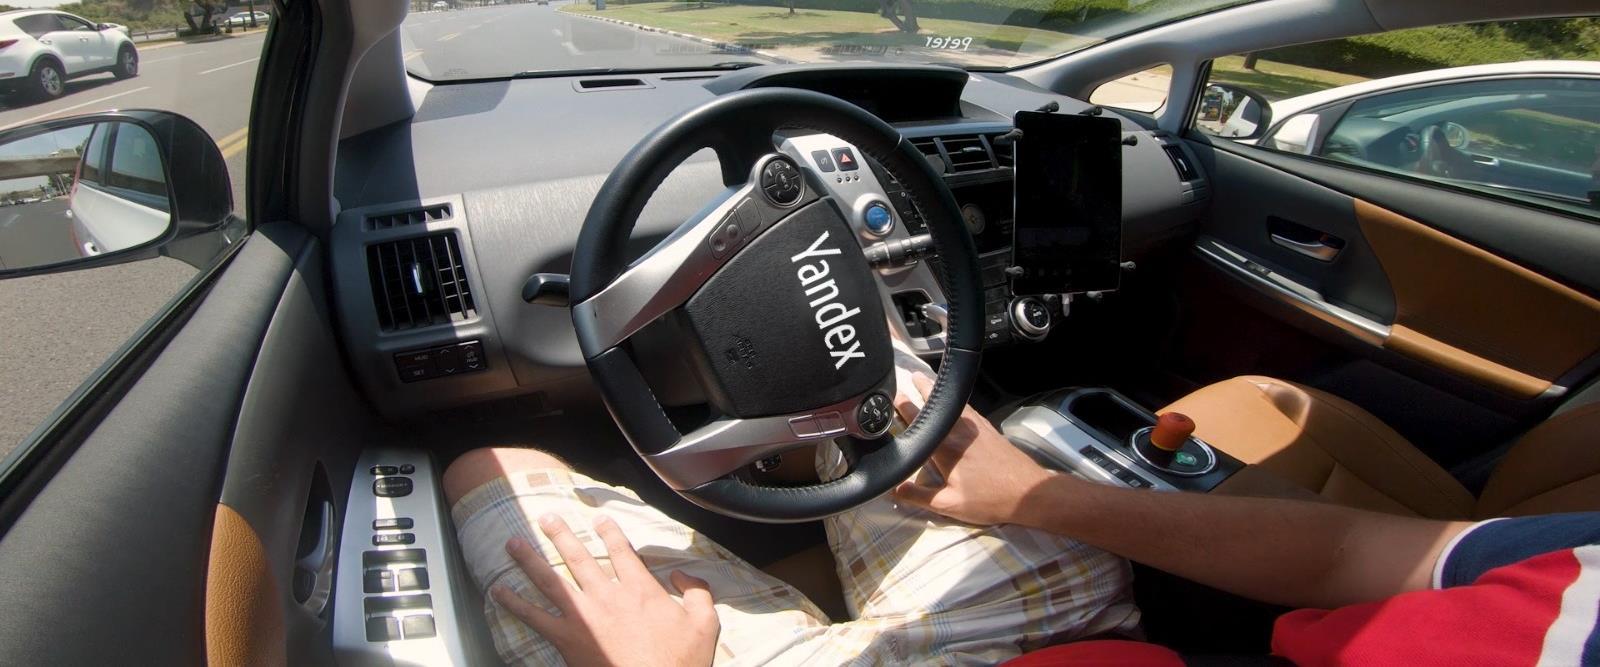 הרכב האוטונומי של Yandex בנסיעת מבחן